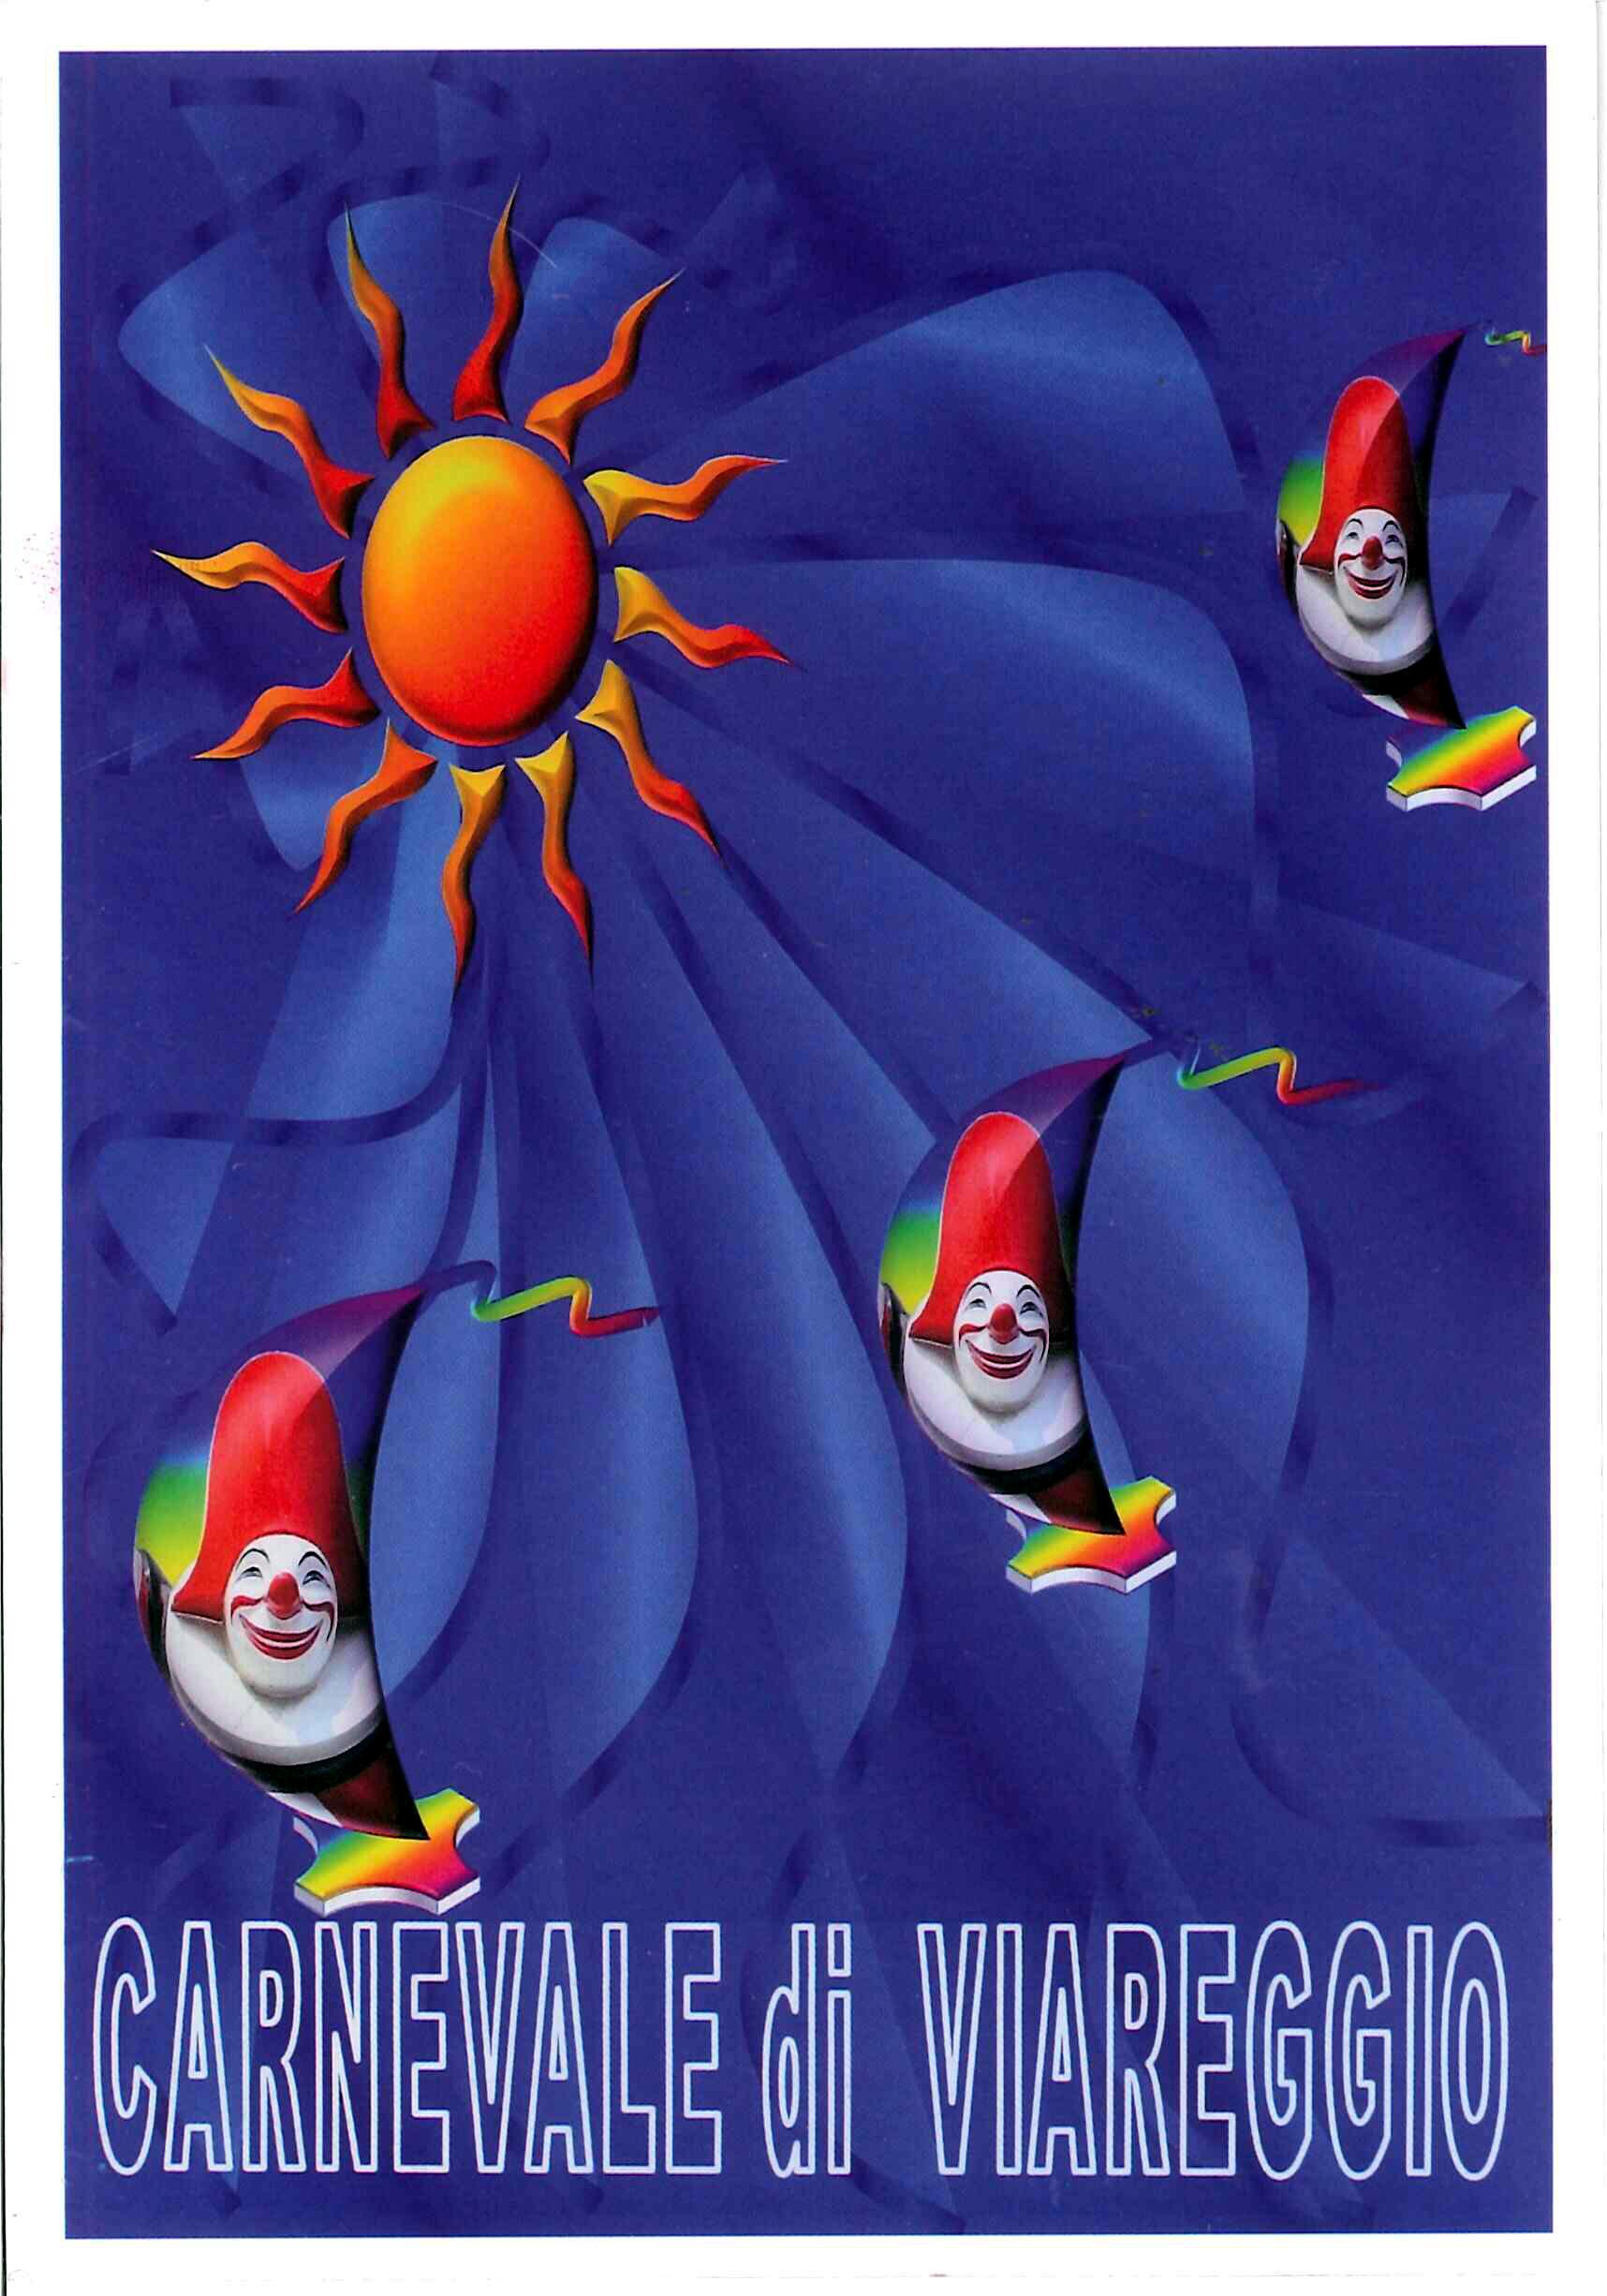 carnevale-2011-quinto-corso-fronte